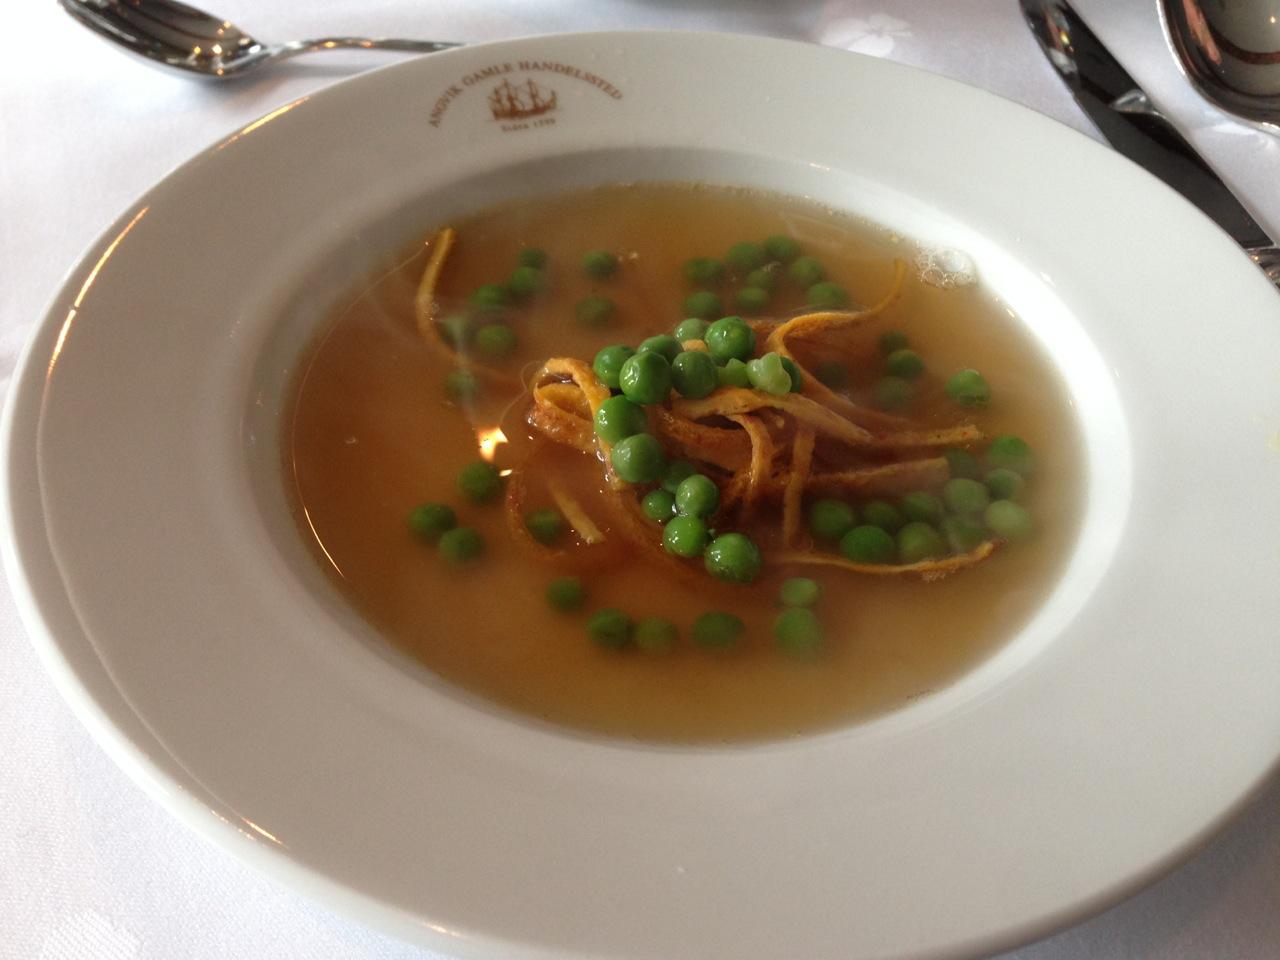 Og slik ble sluttresultatet. En lett og enkel suppe.